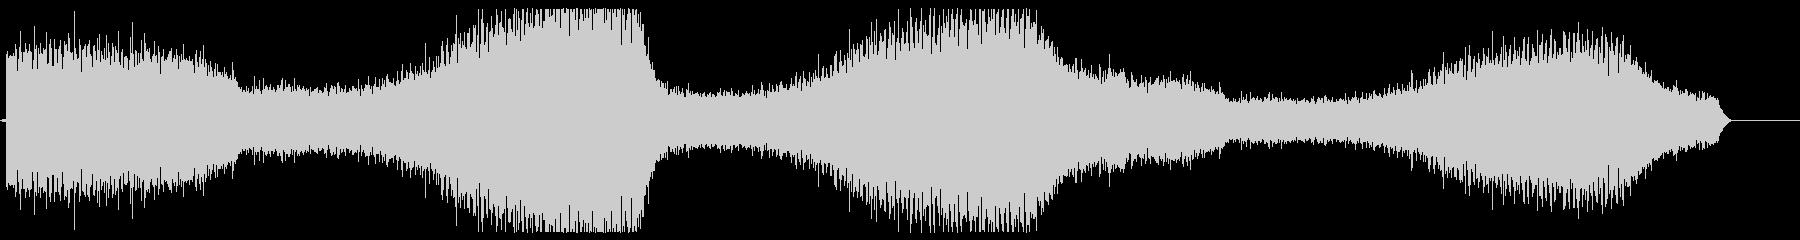 ミーンミーン(蝉の鳴き声)の未再生の波形